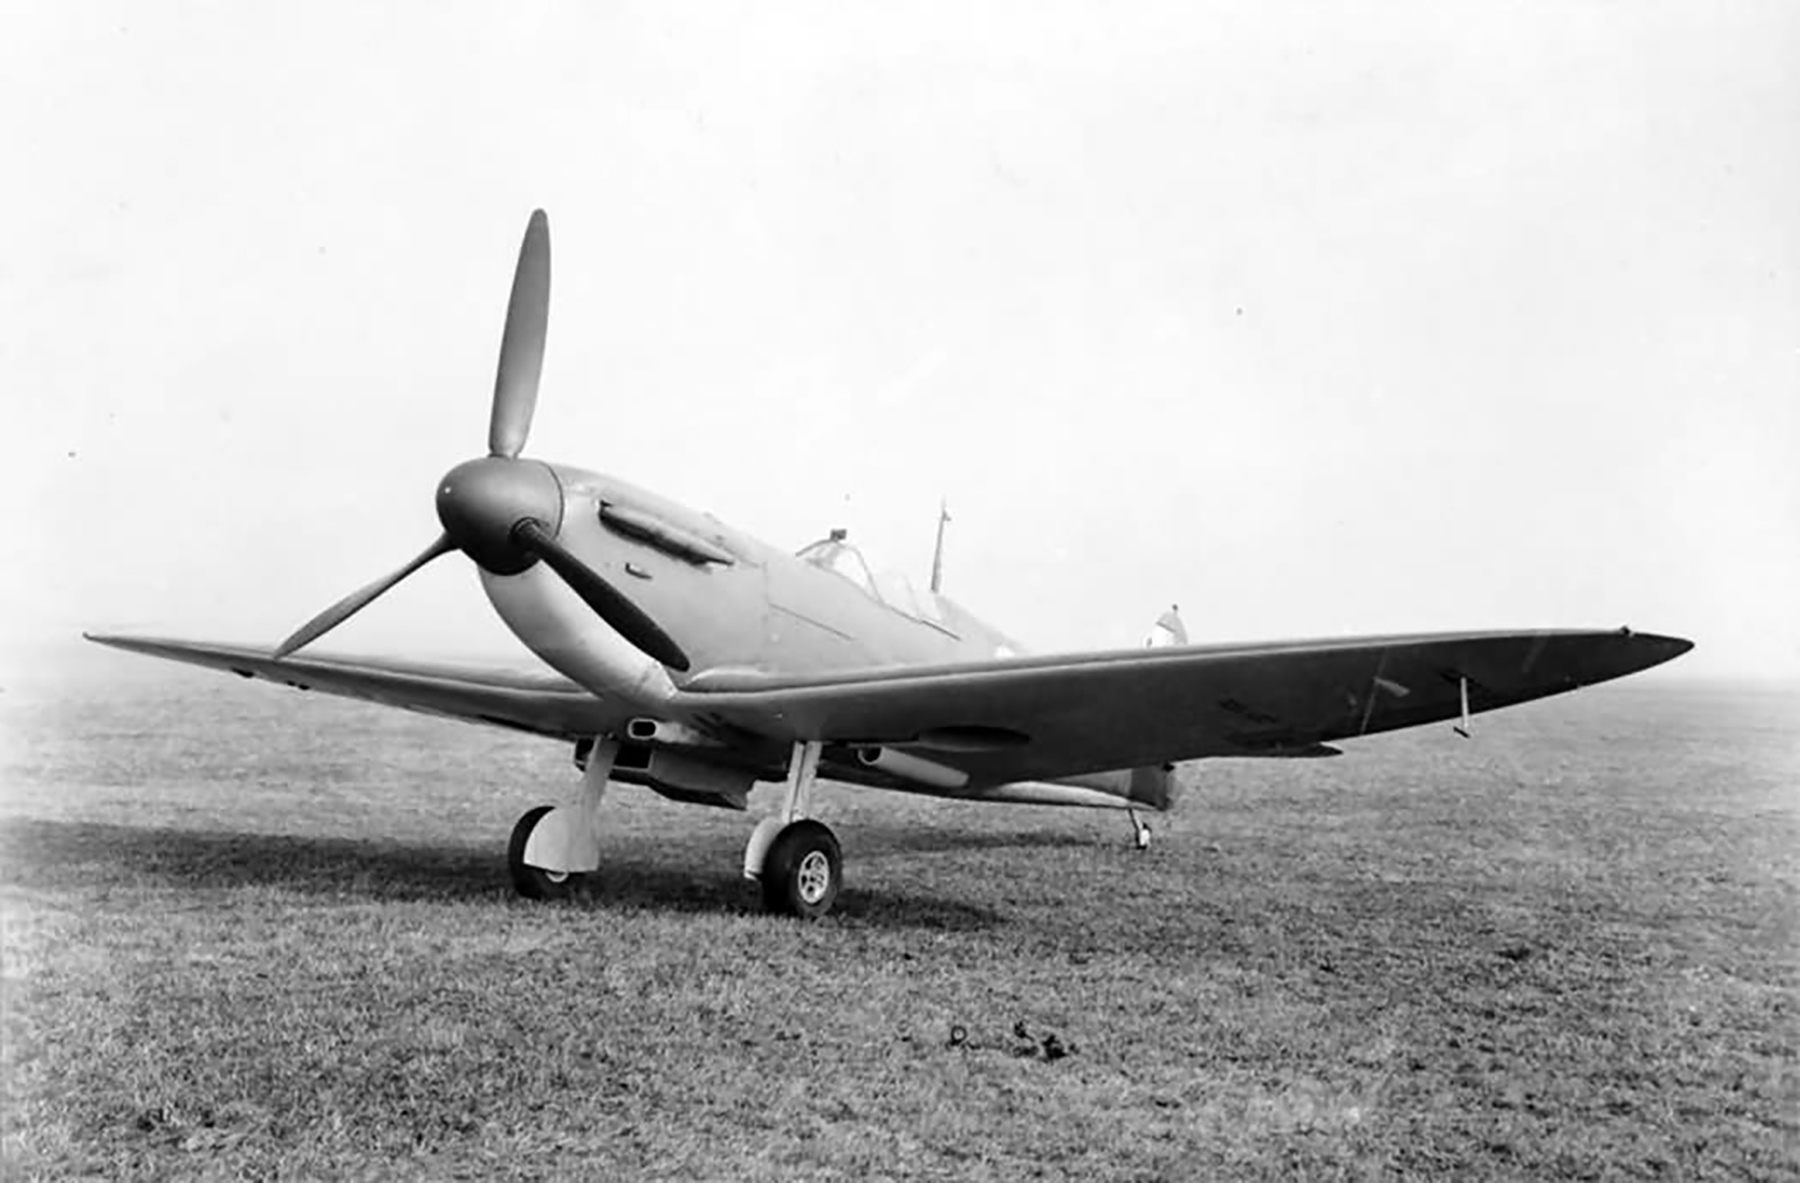 Spitfire MkIIa Prototype England web 01